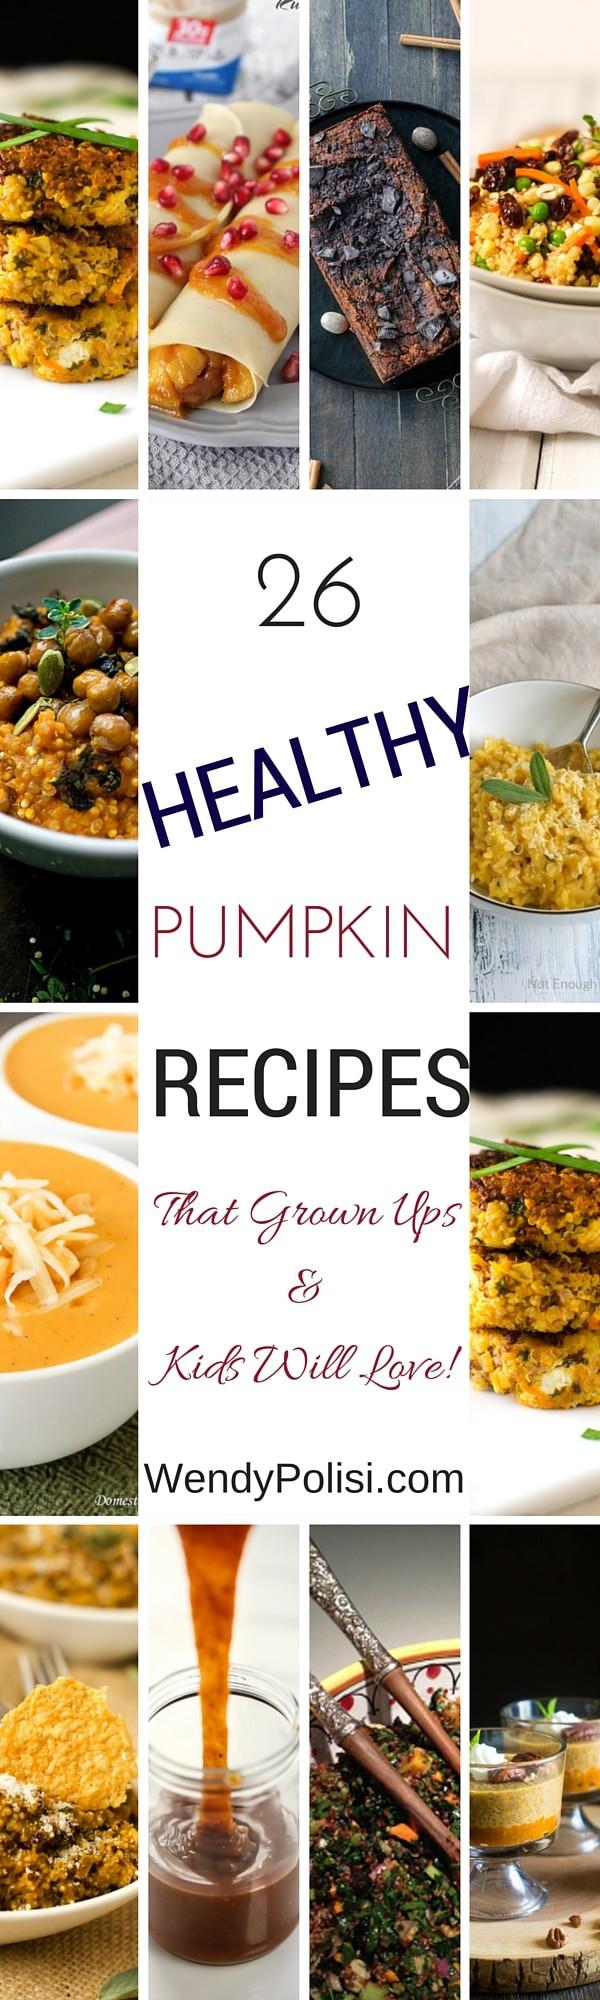 26 Healthy Pumpkin Recipes